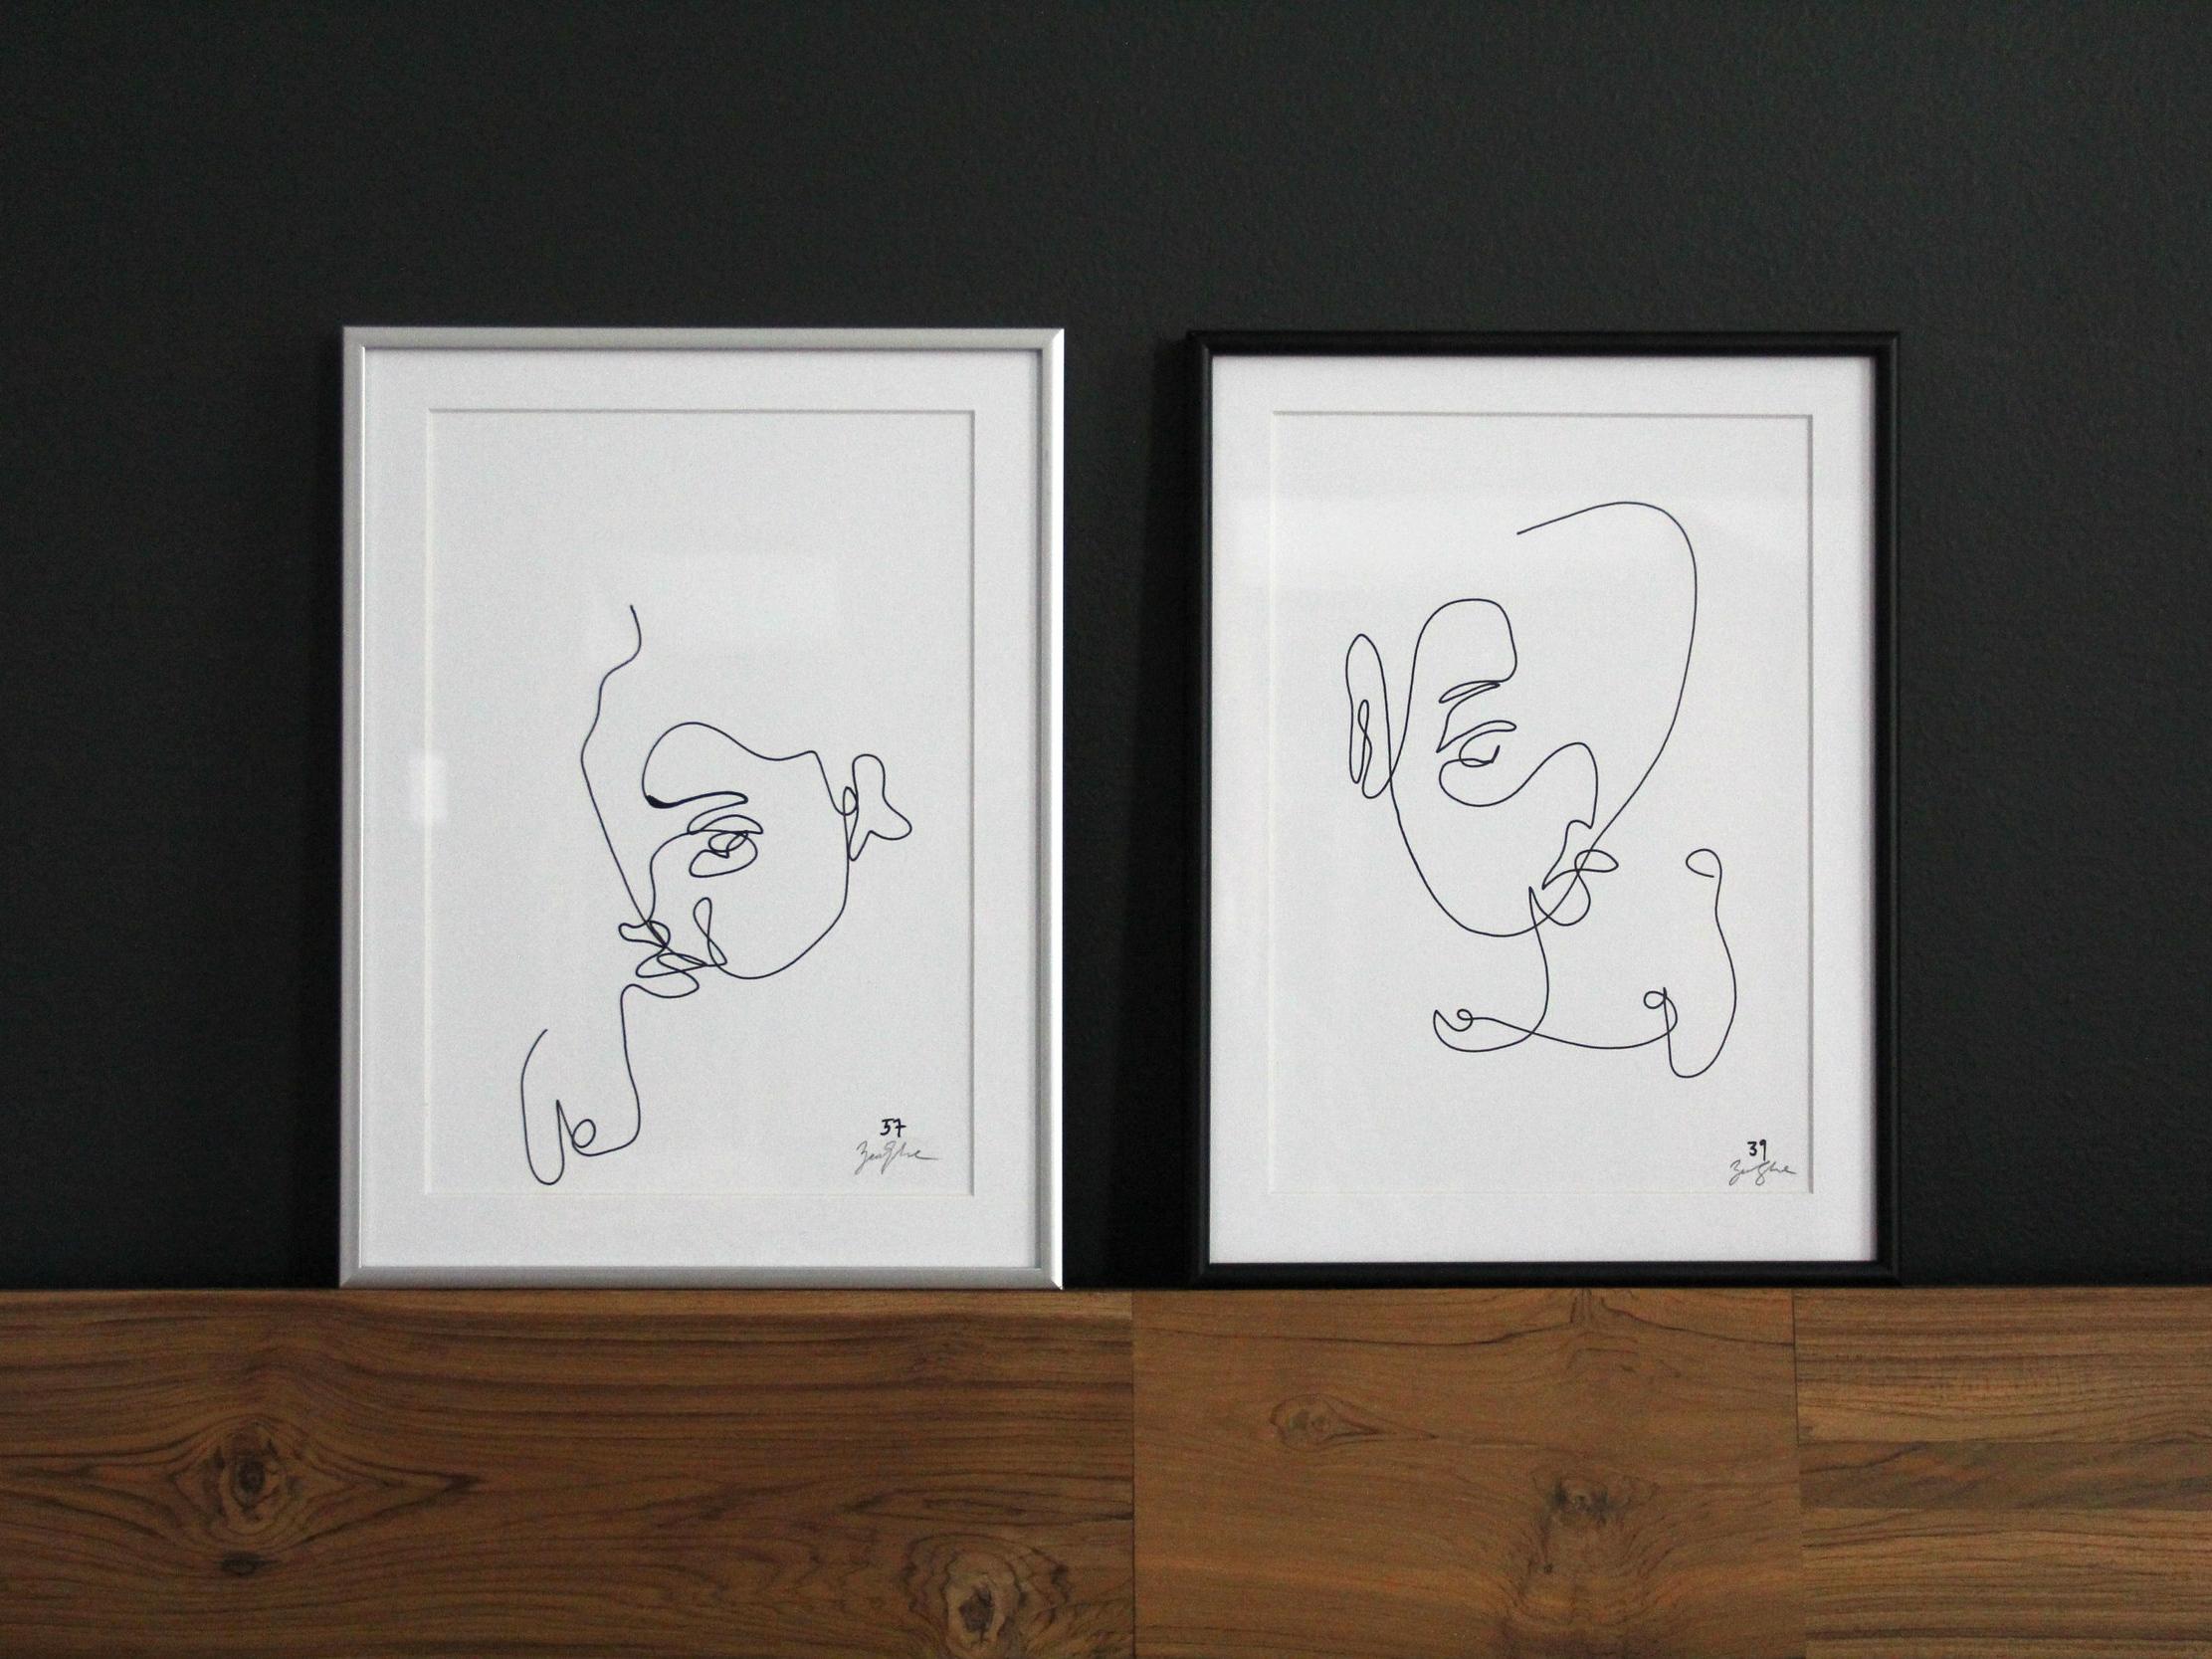 Undressed_Framed_Both.jpg